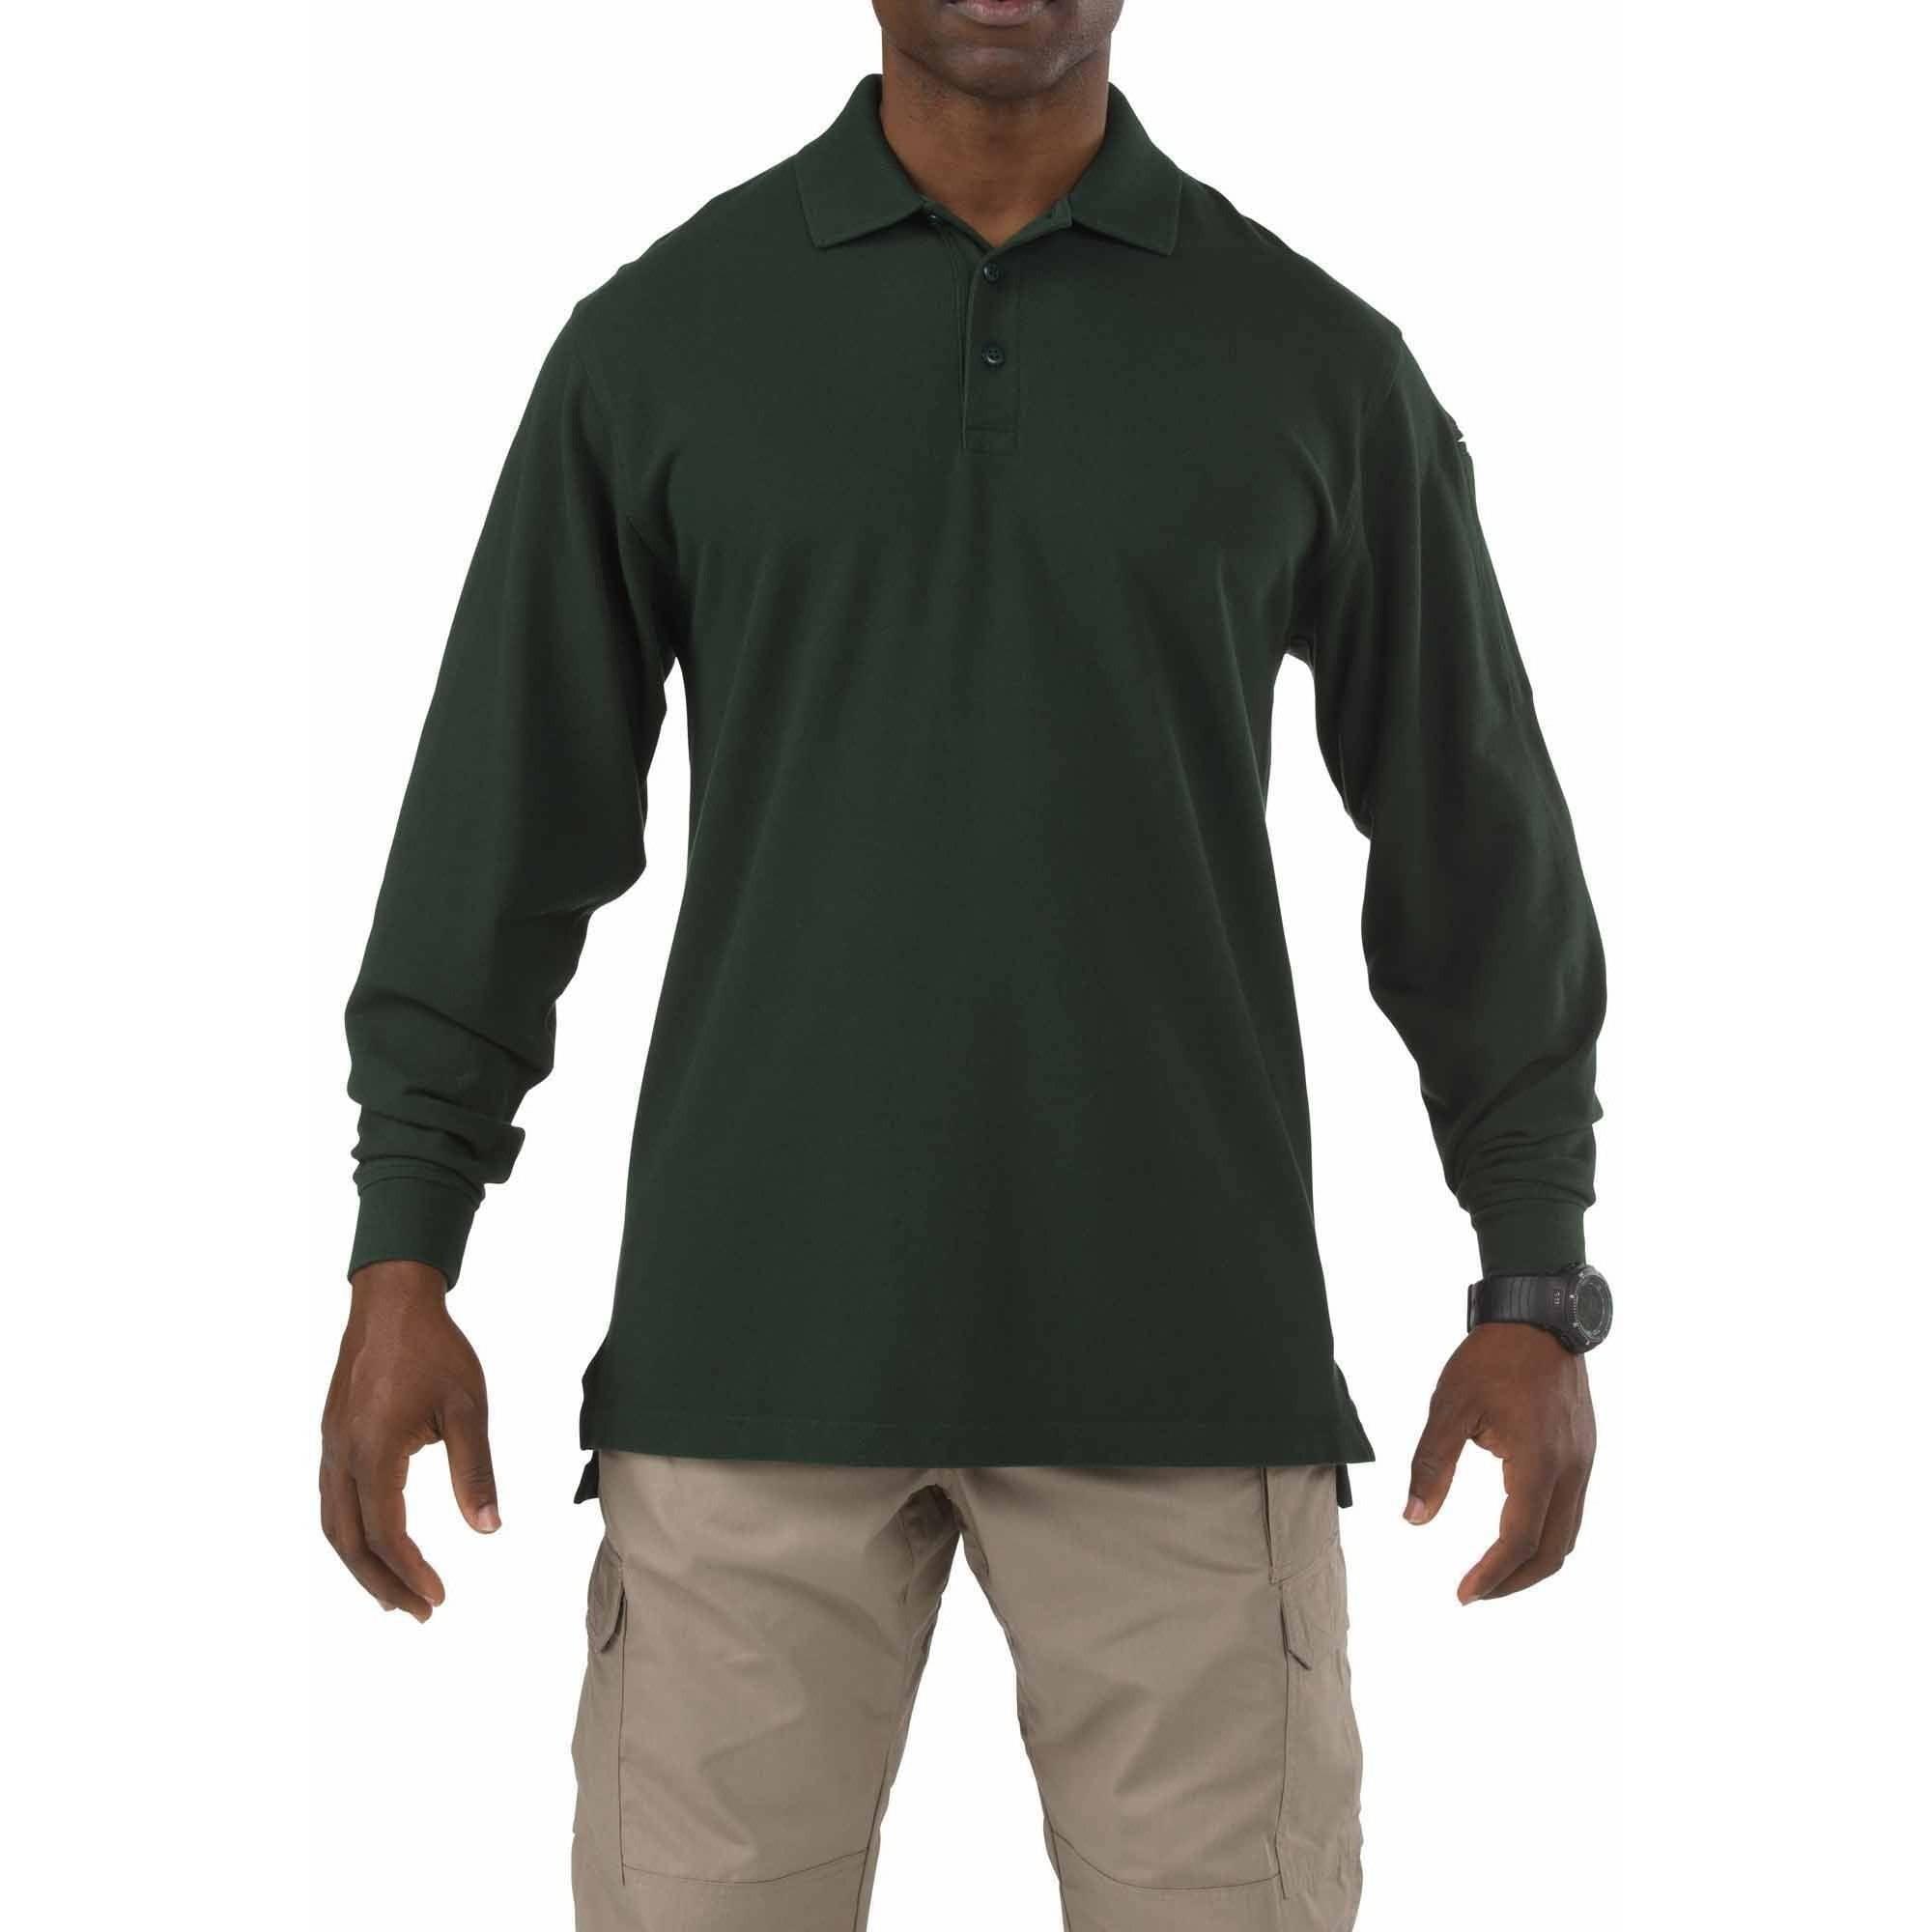 Long Sleeve Professional Polo Shirt, LE Green